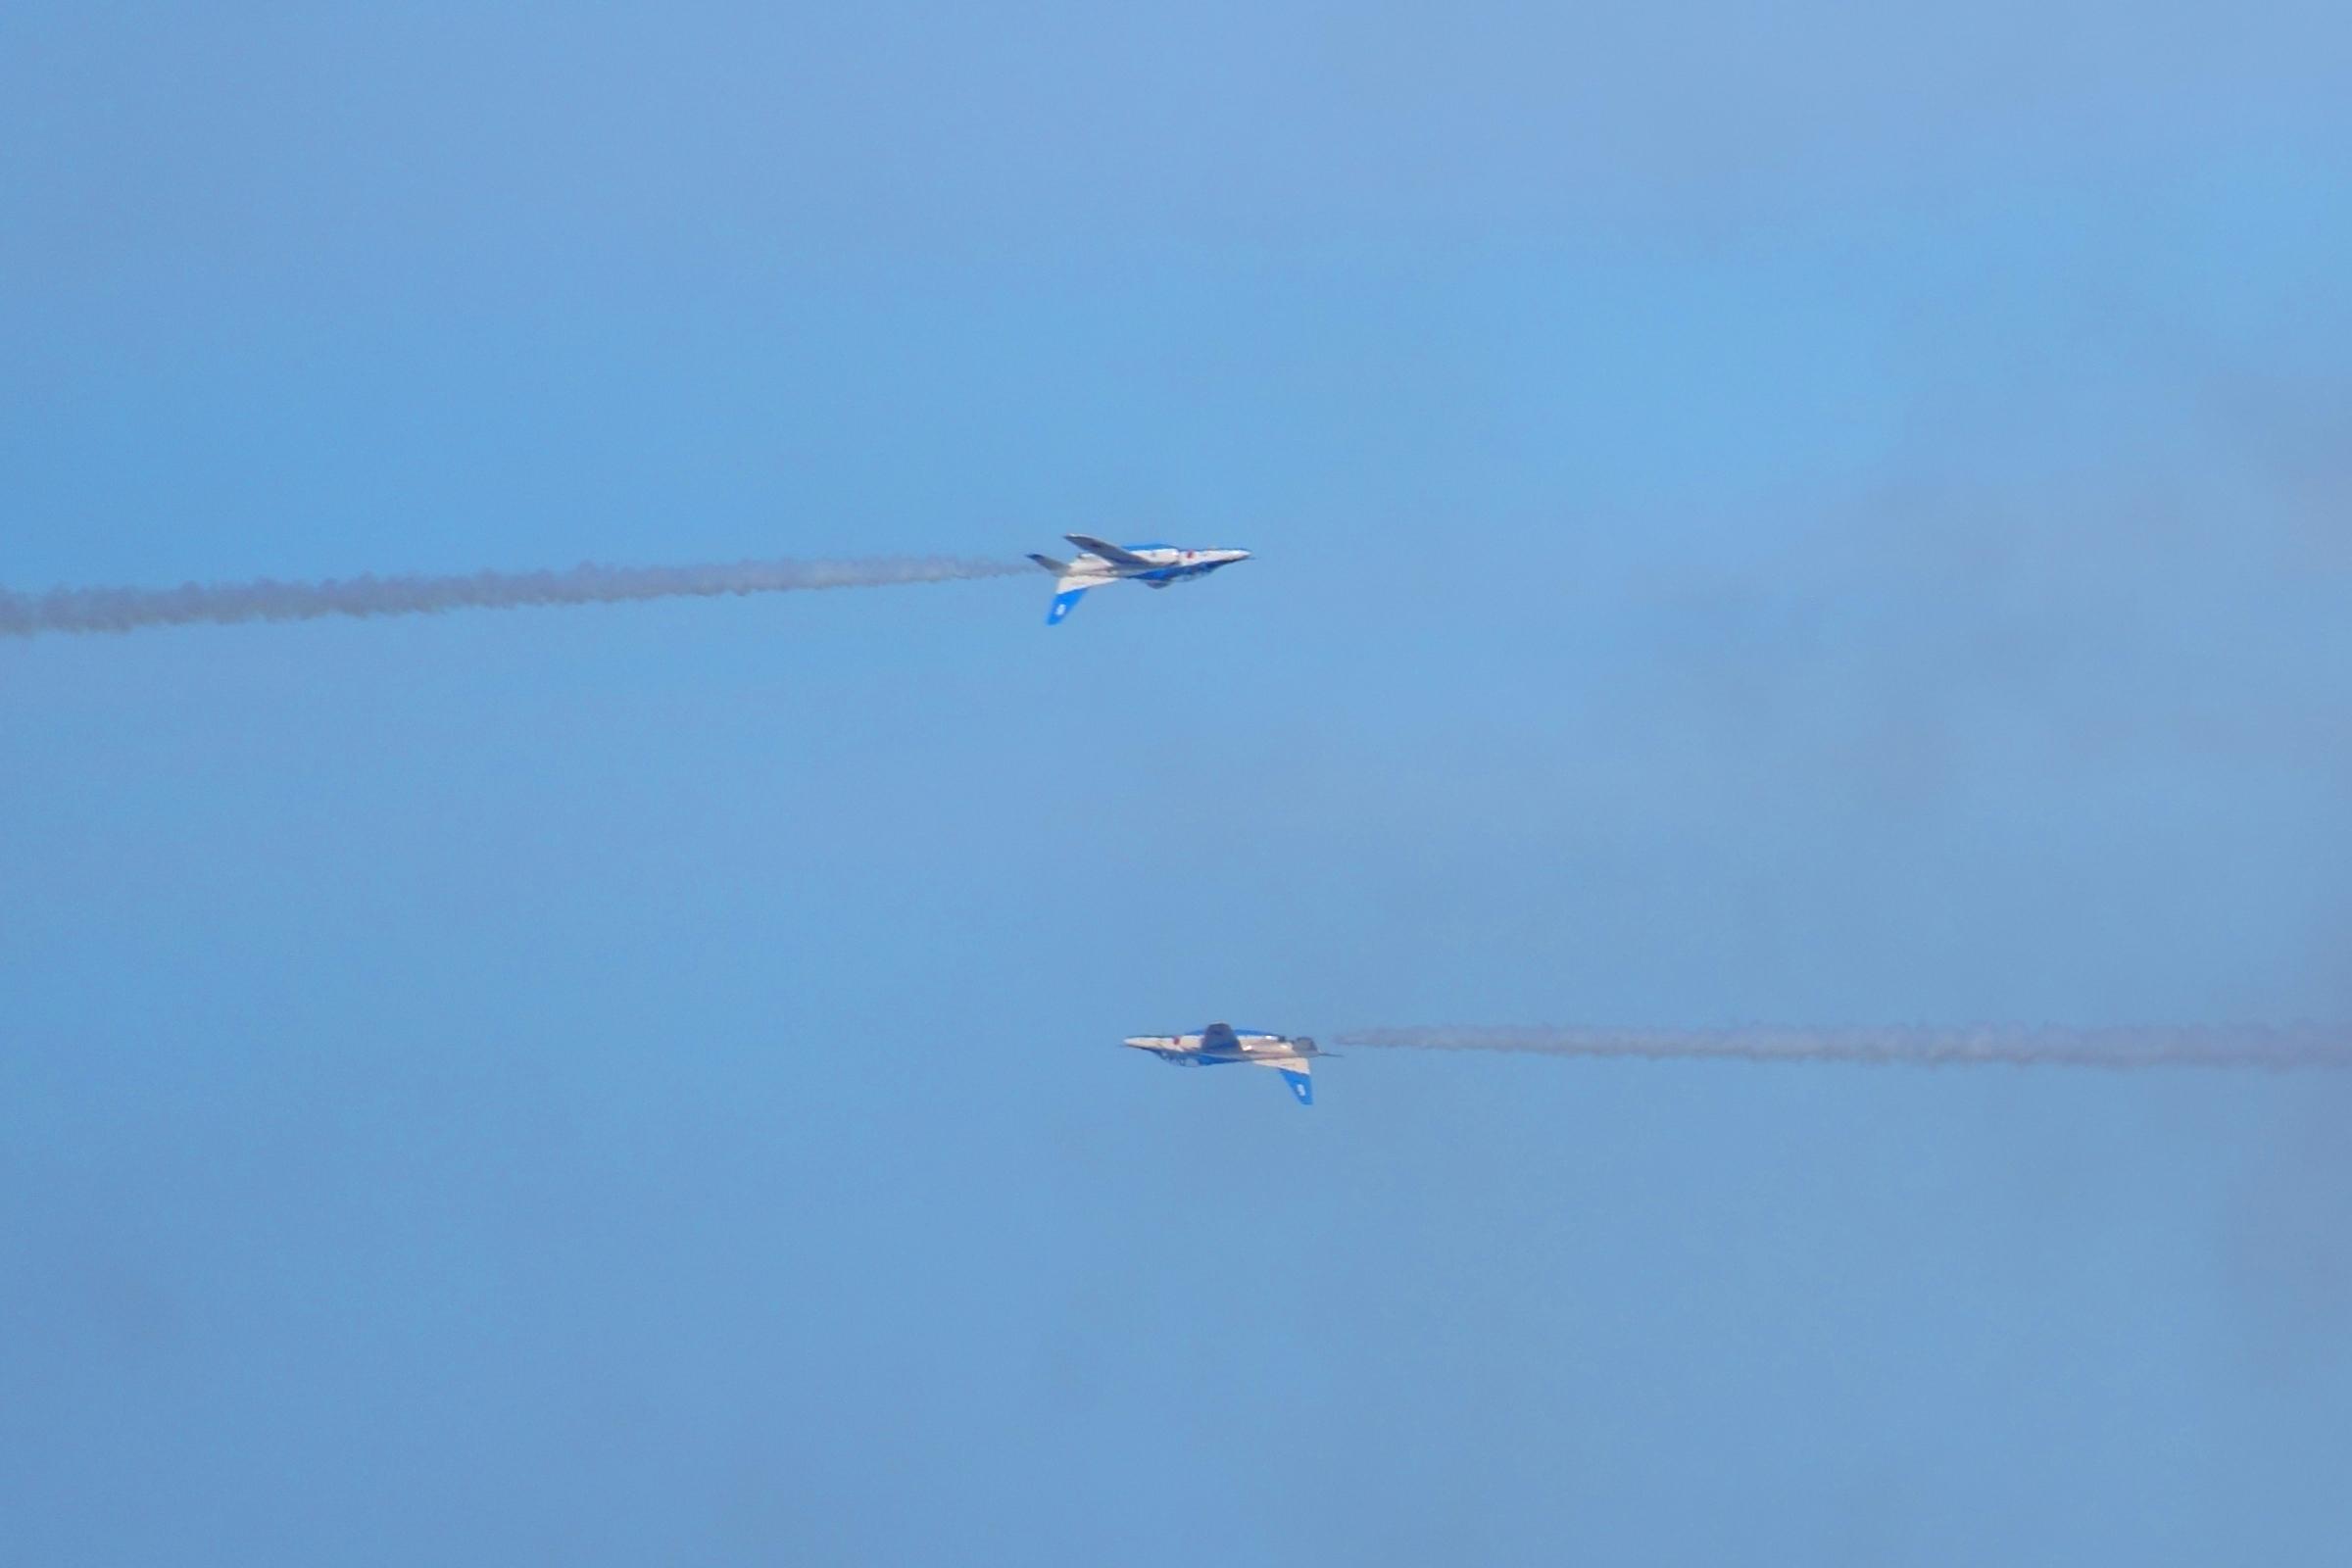 ブルーインパルスアクロバット飛行オポジットコンティニュアスロール